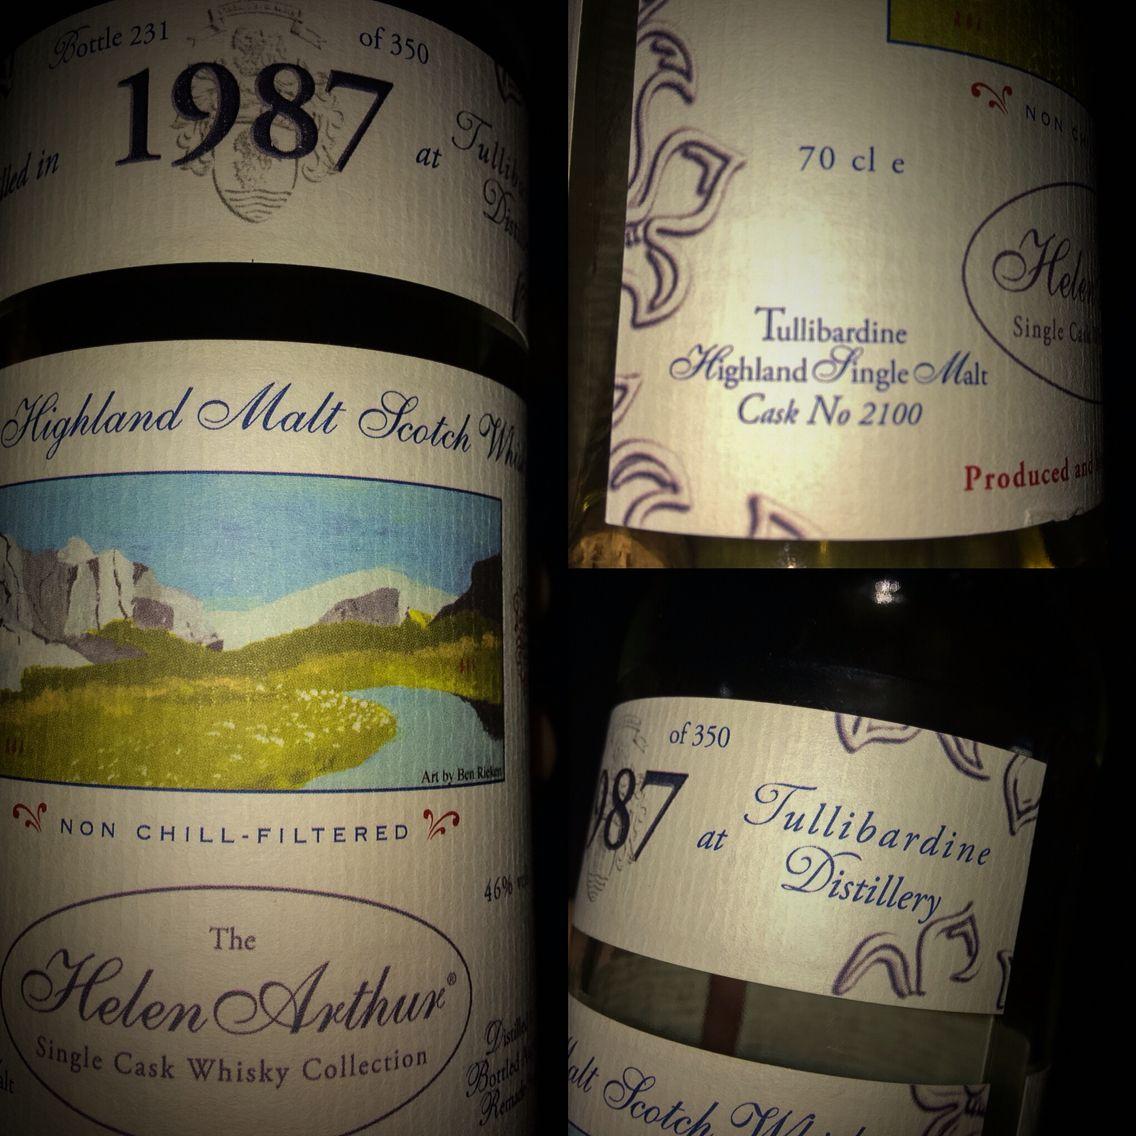 Tullibardine bottled for the Helen Arthur Single Cask Collection